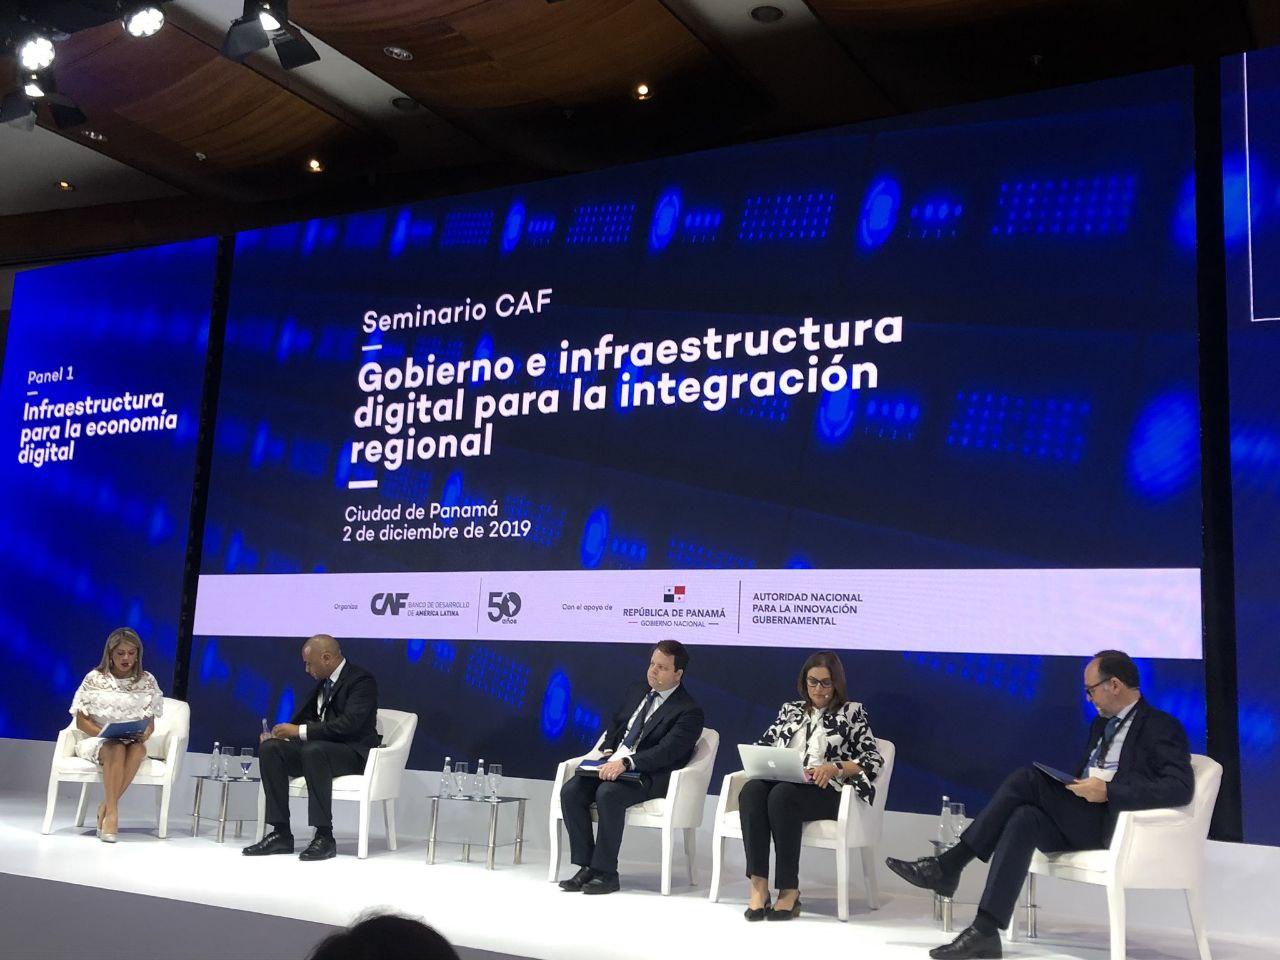 CAF busca construir el primer 'aeropuerto' de datos de Latinoamérica en Panamá